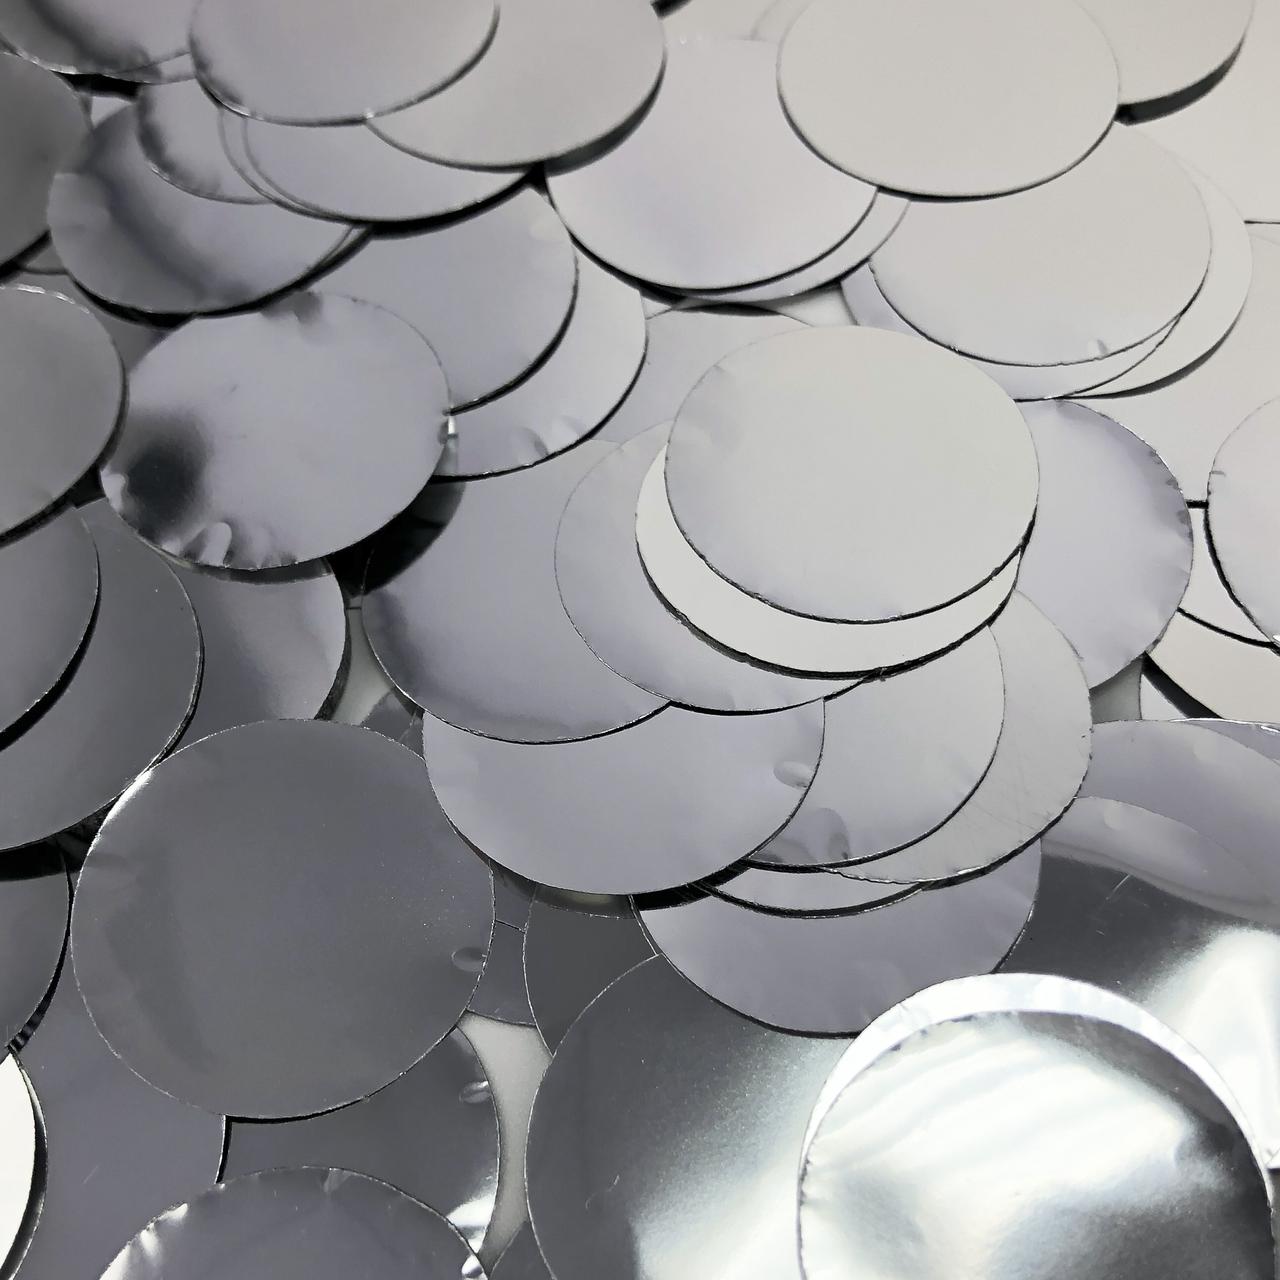 Конфетті кружечки срібло 23 мм, 100г